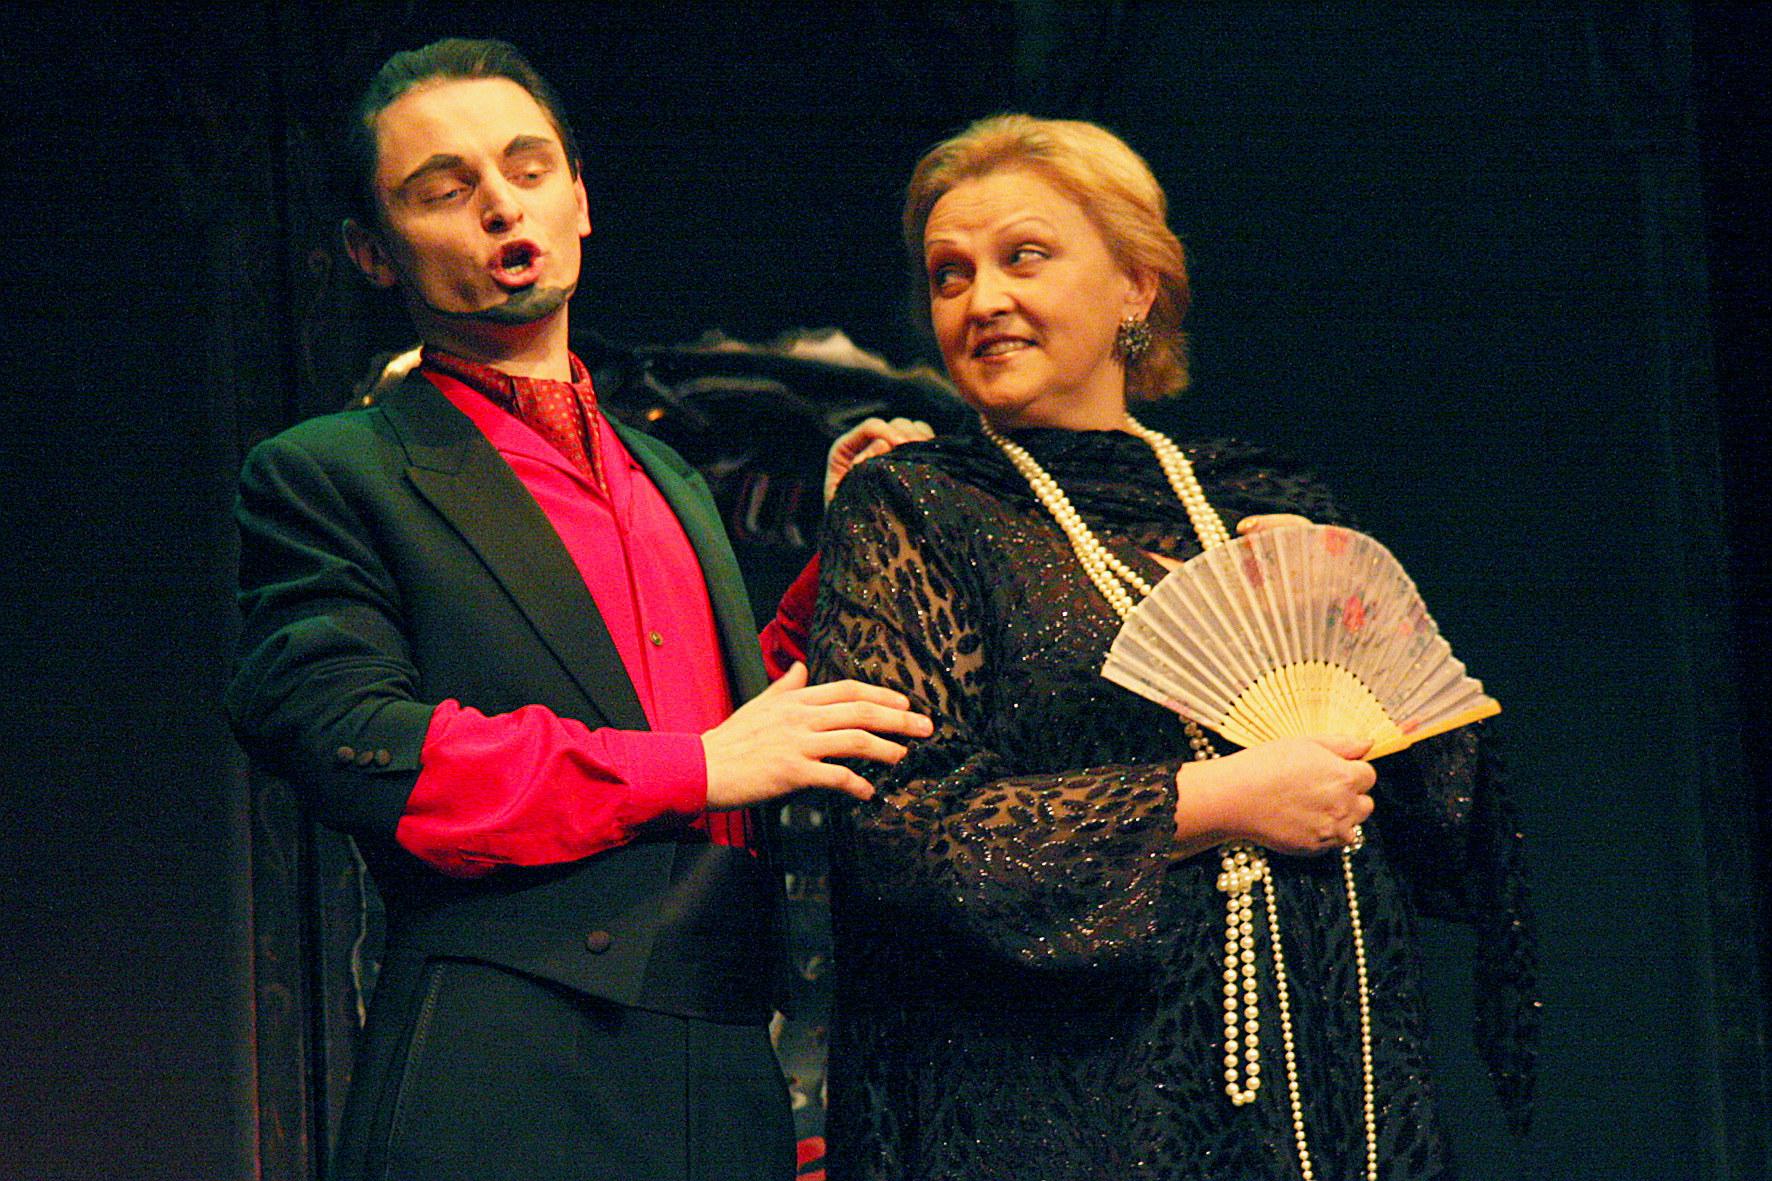 Liudas Mikalauskas wraz z prof. Sabiny Martinaityte w Śląskim Teatrze Ateneum (źródło: materiały prasowe organizatora)